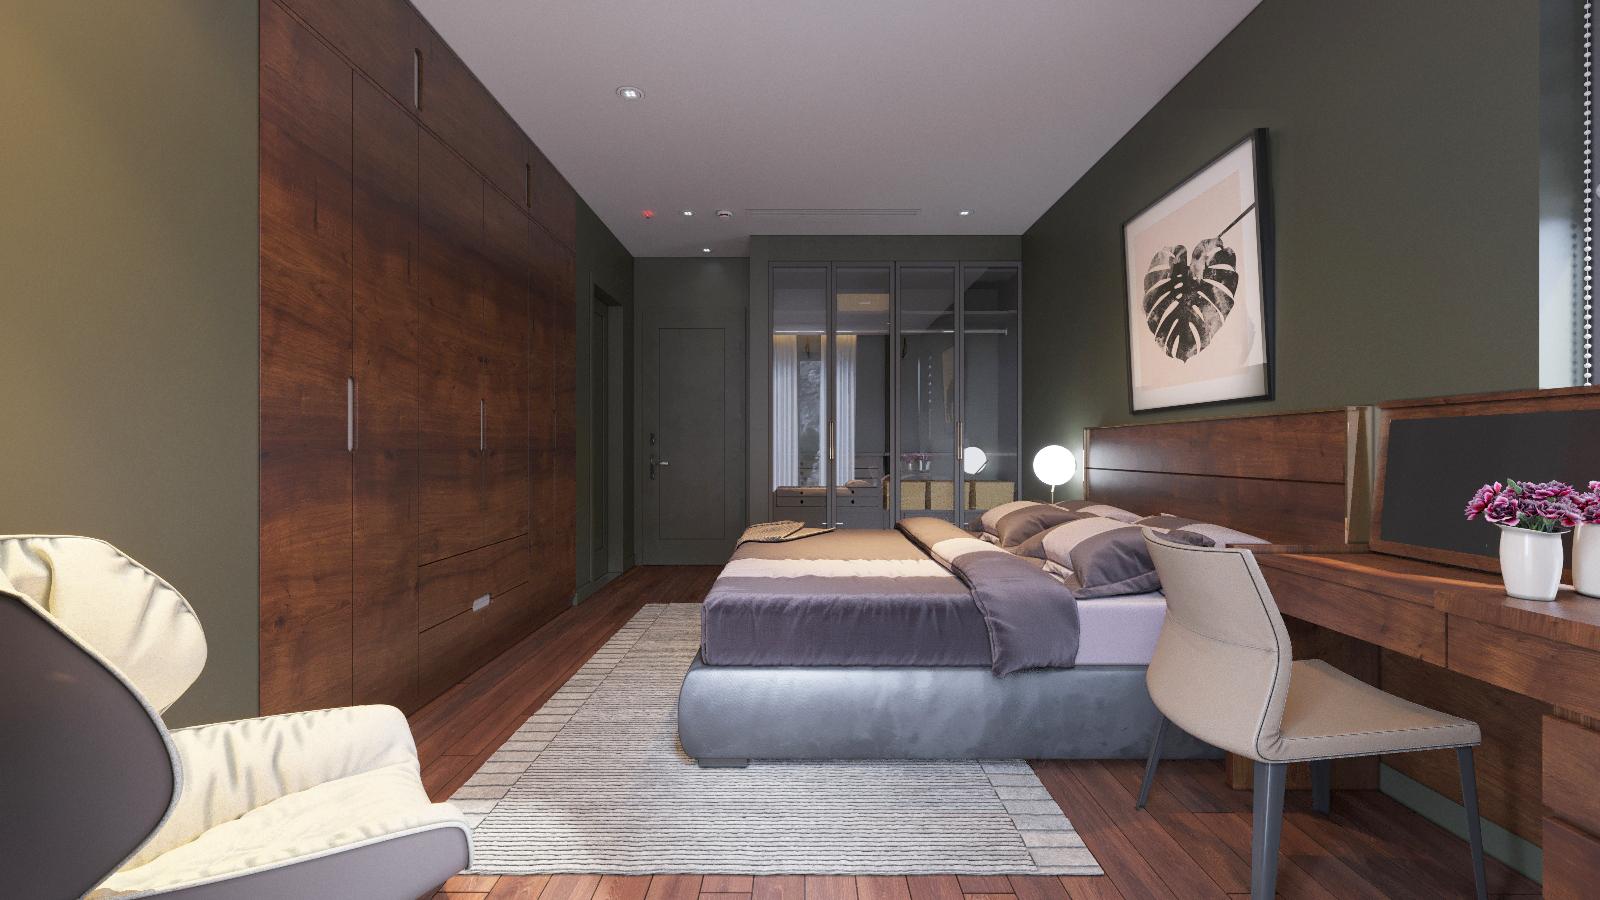 thiết kế Nội thất Biệt Thự 3 tầng biệt thự bt25 splendora mới (lakeside splendora)180